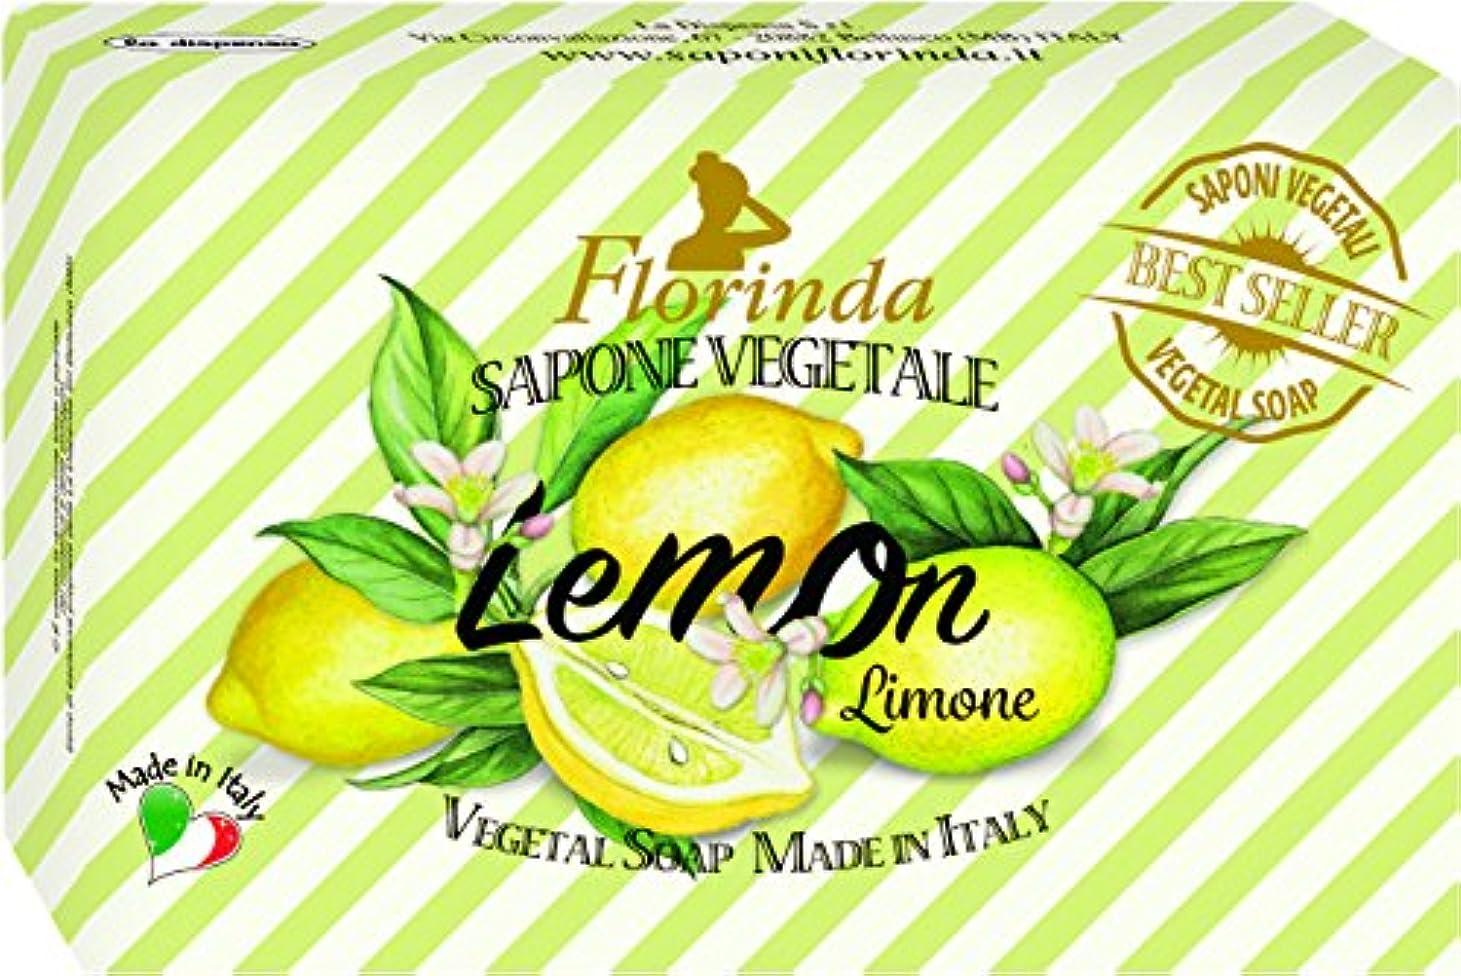 海賊所属報酬フレグランスソープ ベストセラーシリーズ レモン